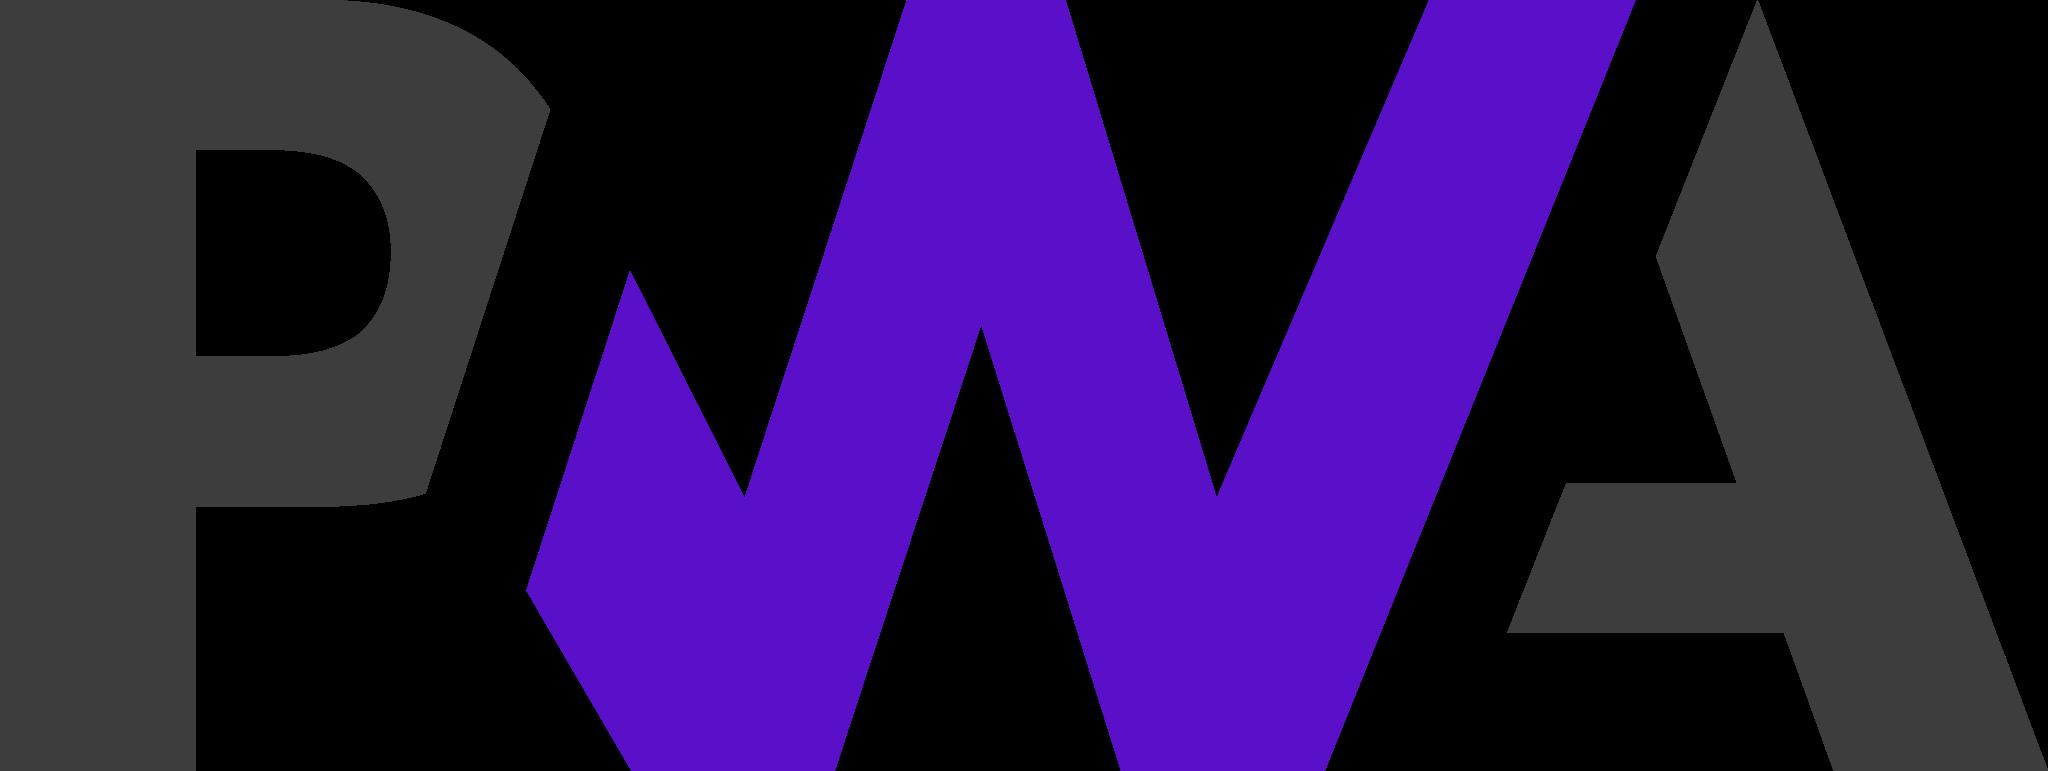 Développement mobile présentation d'une application progressive web app (PWA)